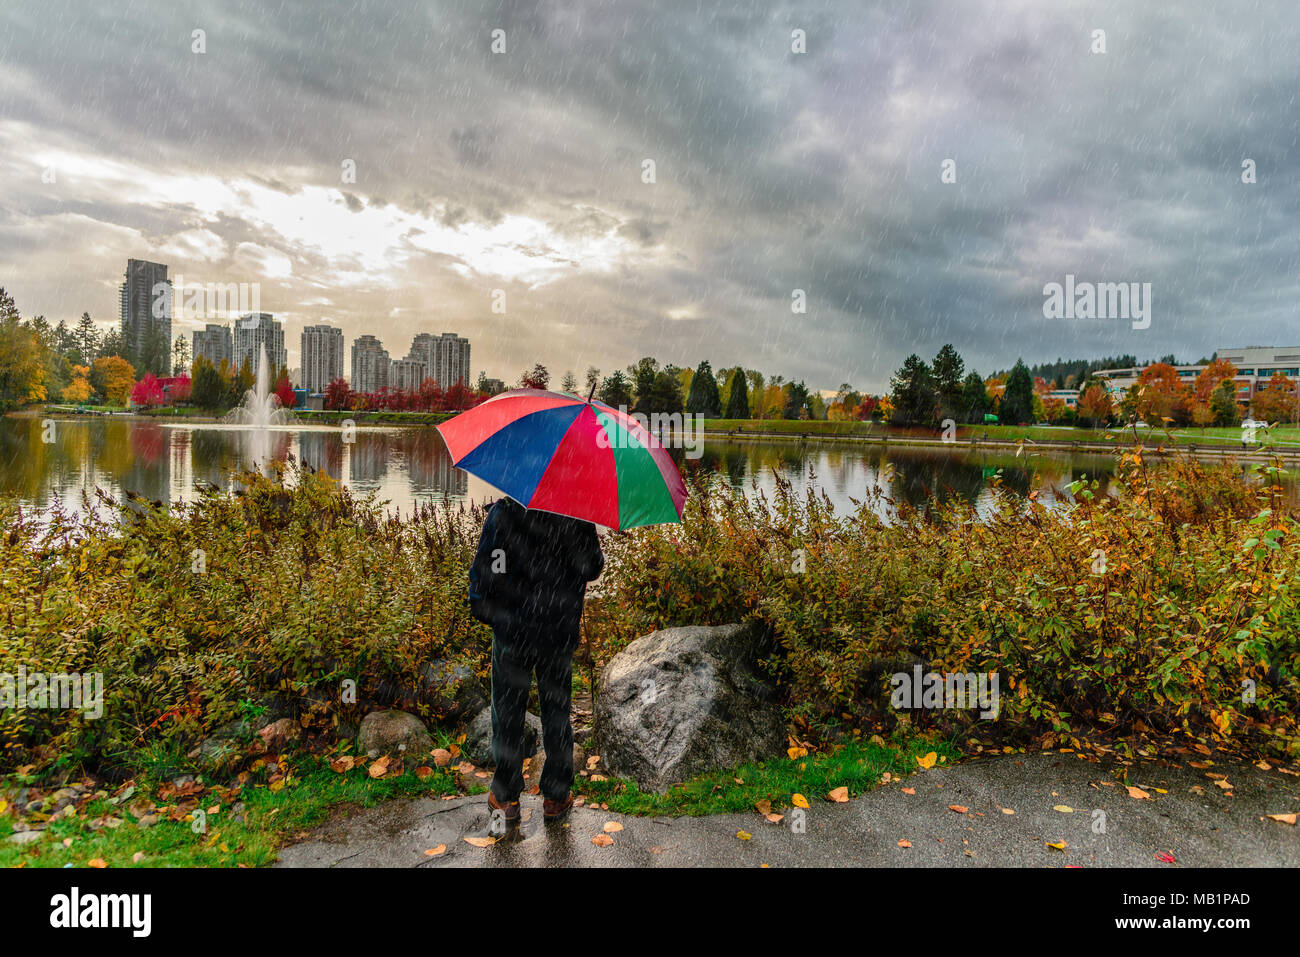 Hauteur Ciel De Pluie un homme avec un parapluie se tient sous la pluie dans un